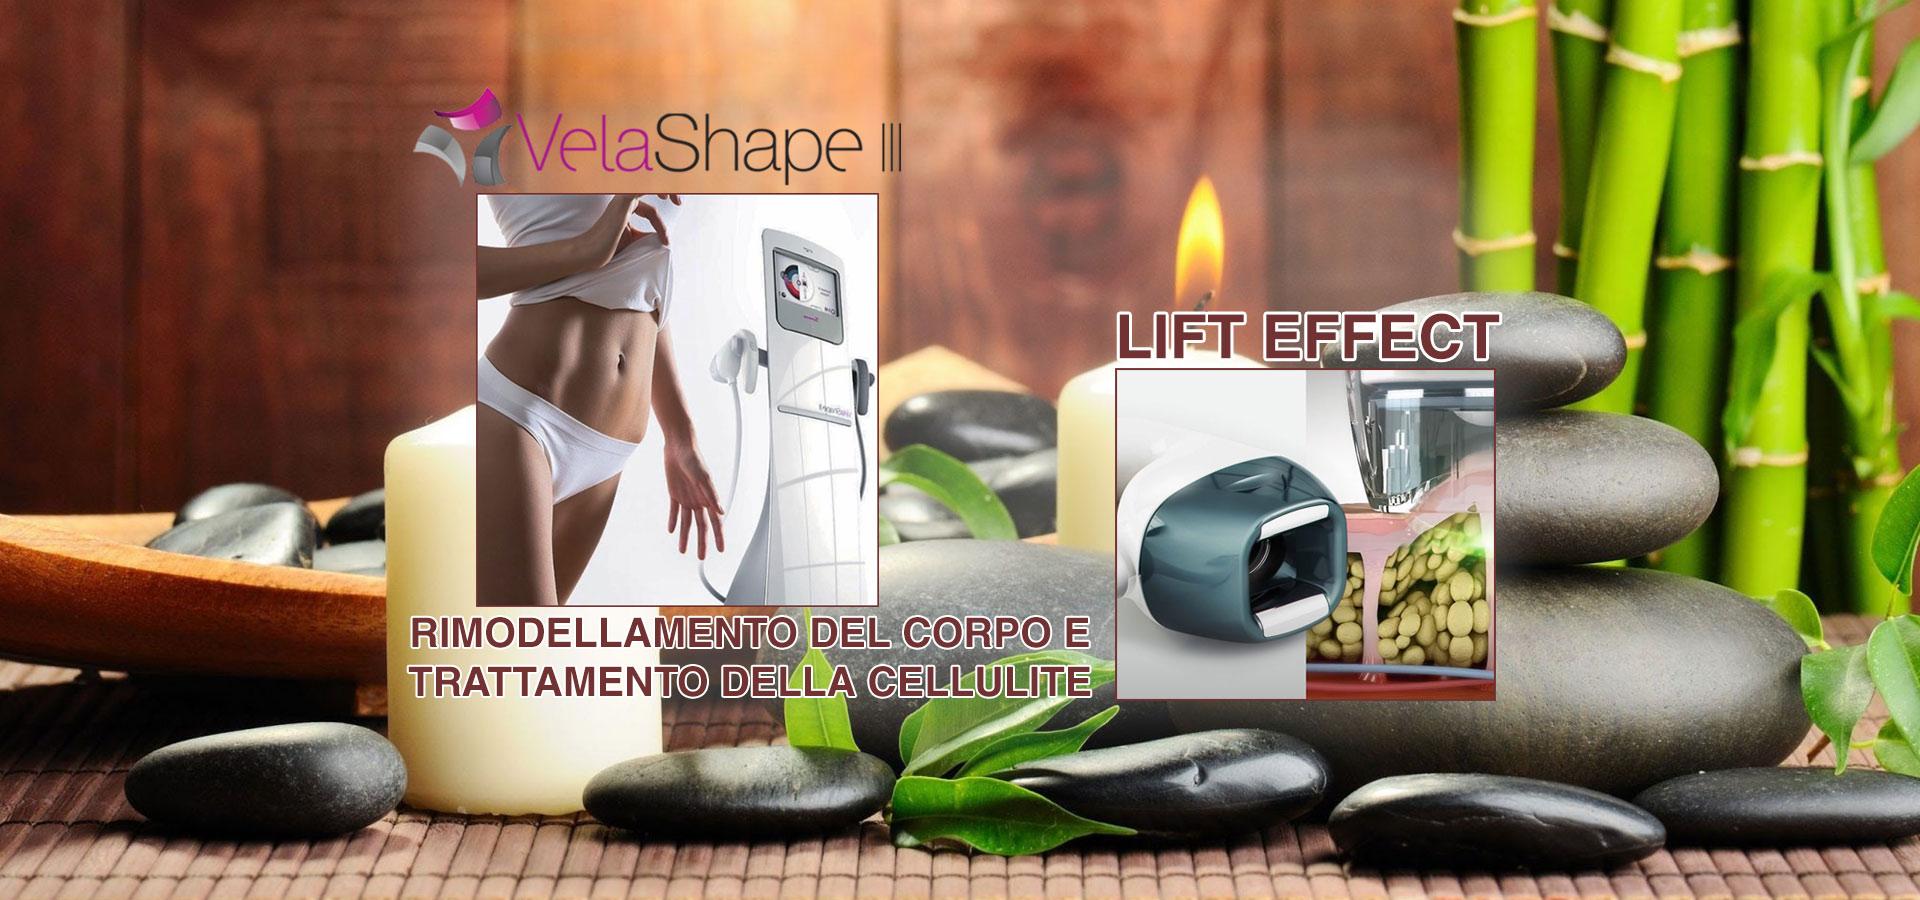 velashape-rimodellamento-del-corpo-centro-medico-estetico-lariano-como-01